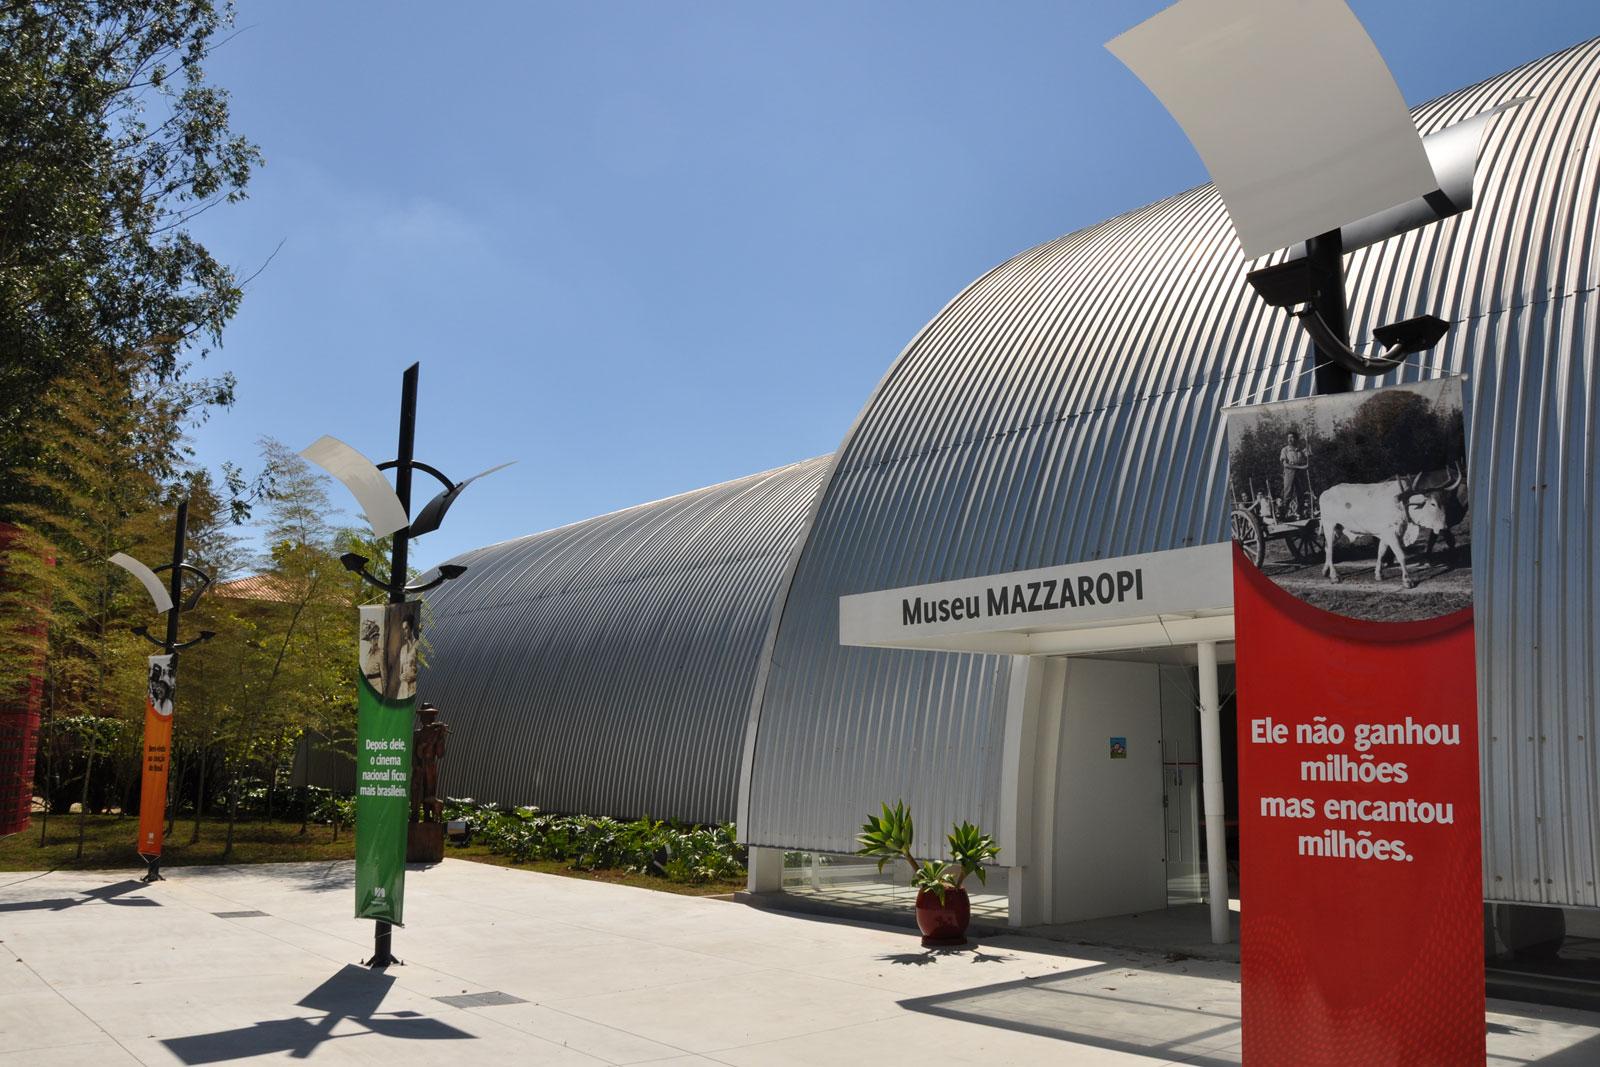 museu mazzaropi - Nossas Empresas